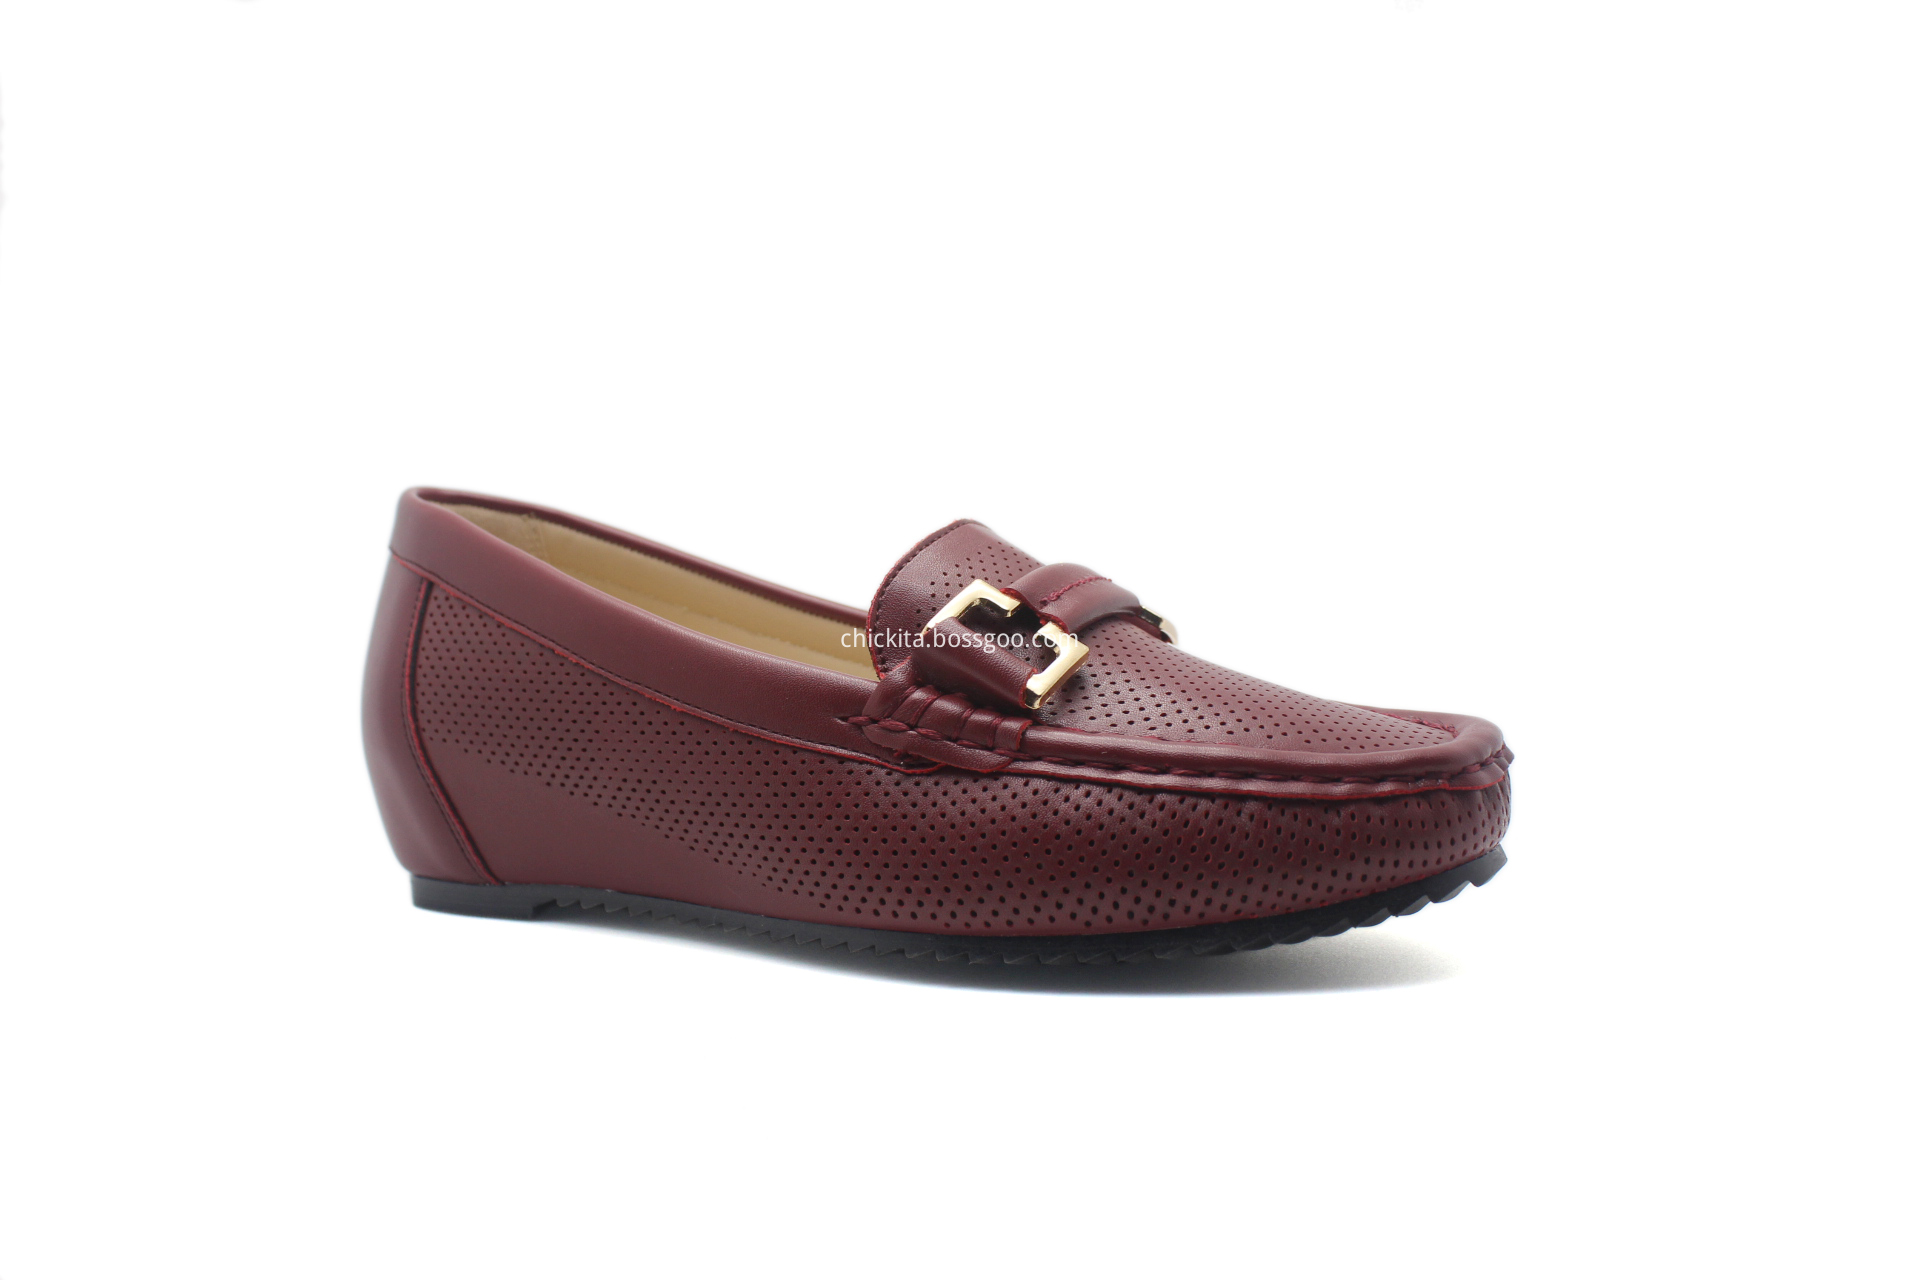 Comfort shoes, comfort sandals with comfort sock